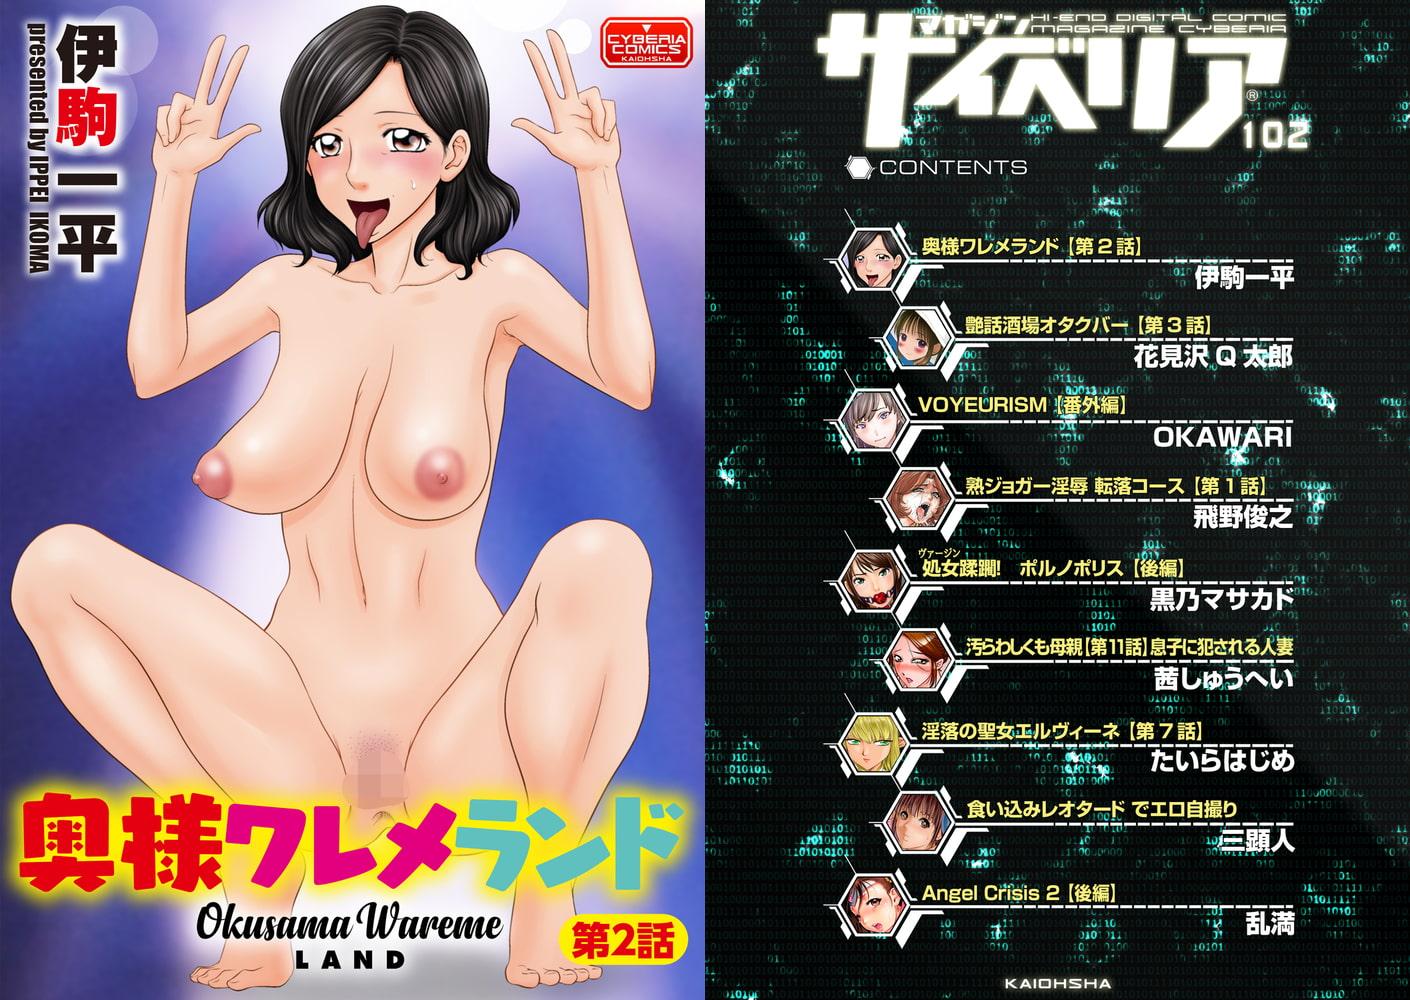 マガジンサイベリア Vol.102